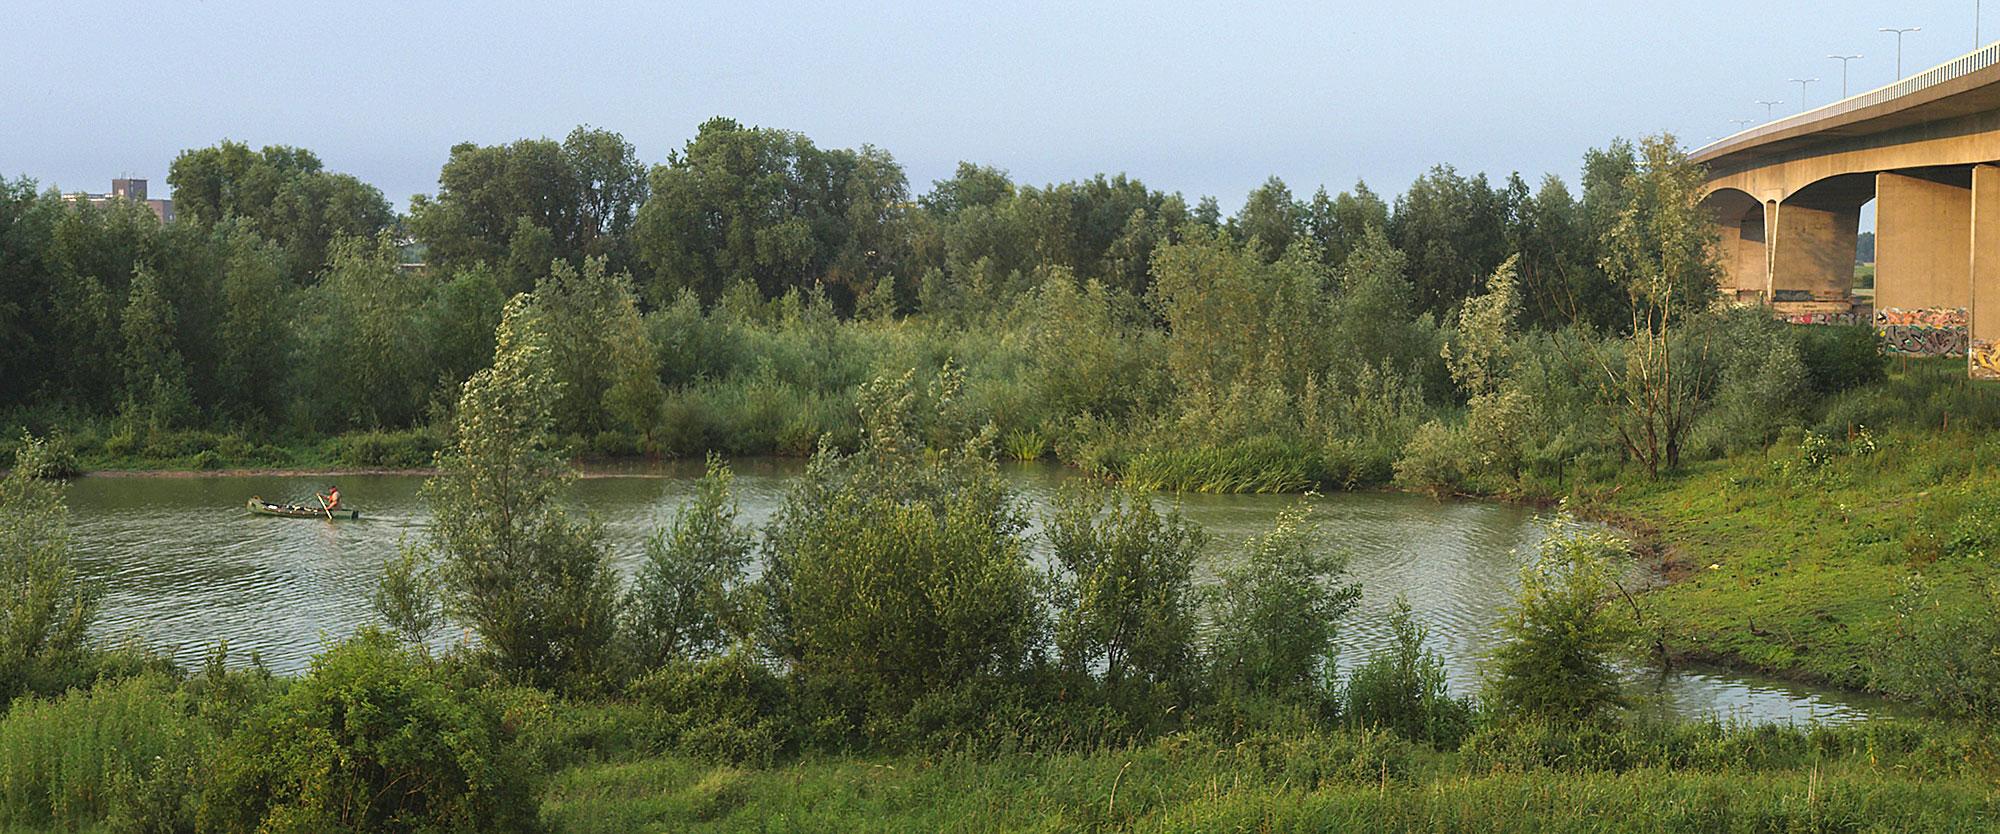 Nevengeul Bakenhof - Levende Rivier